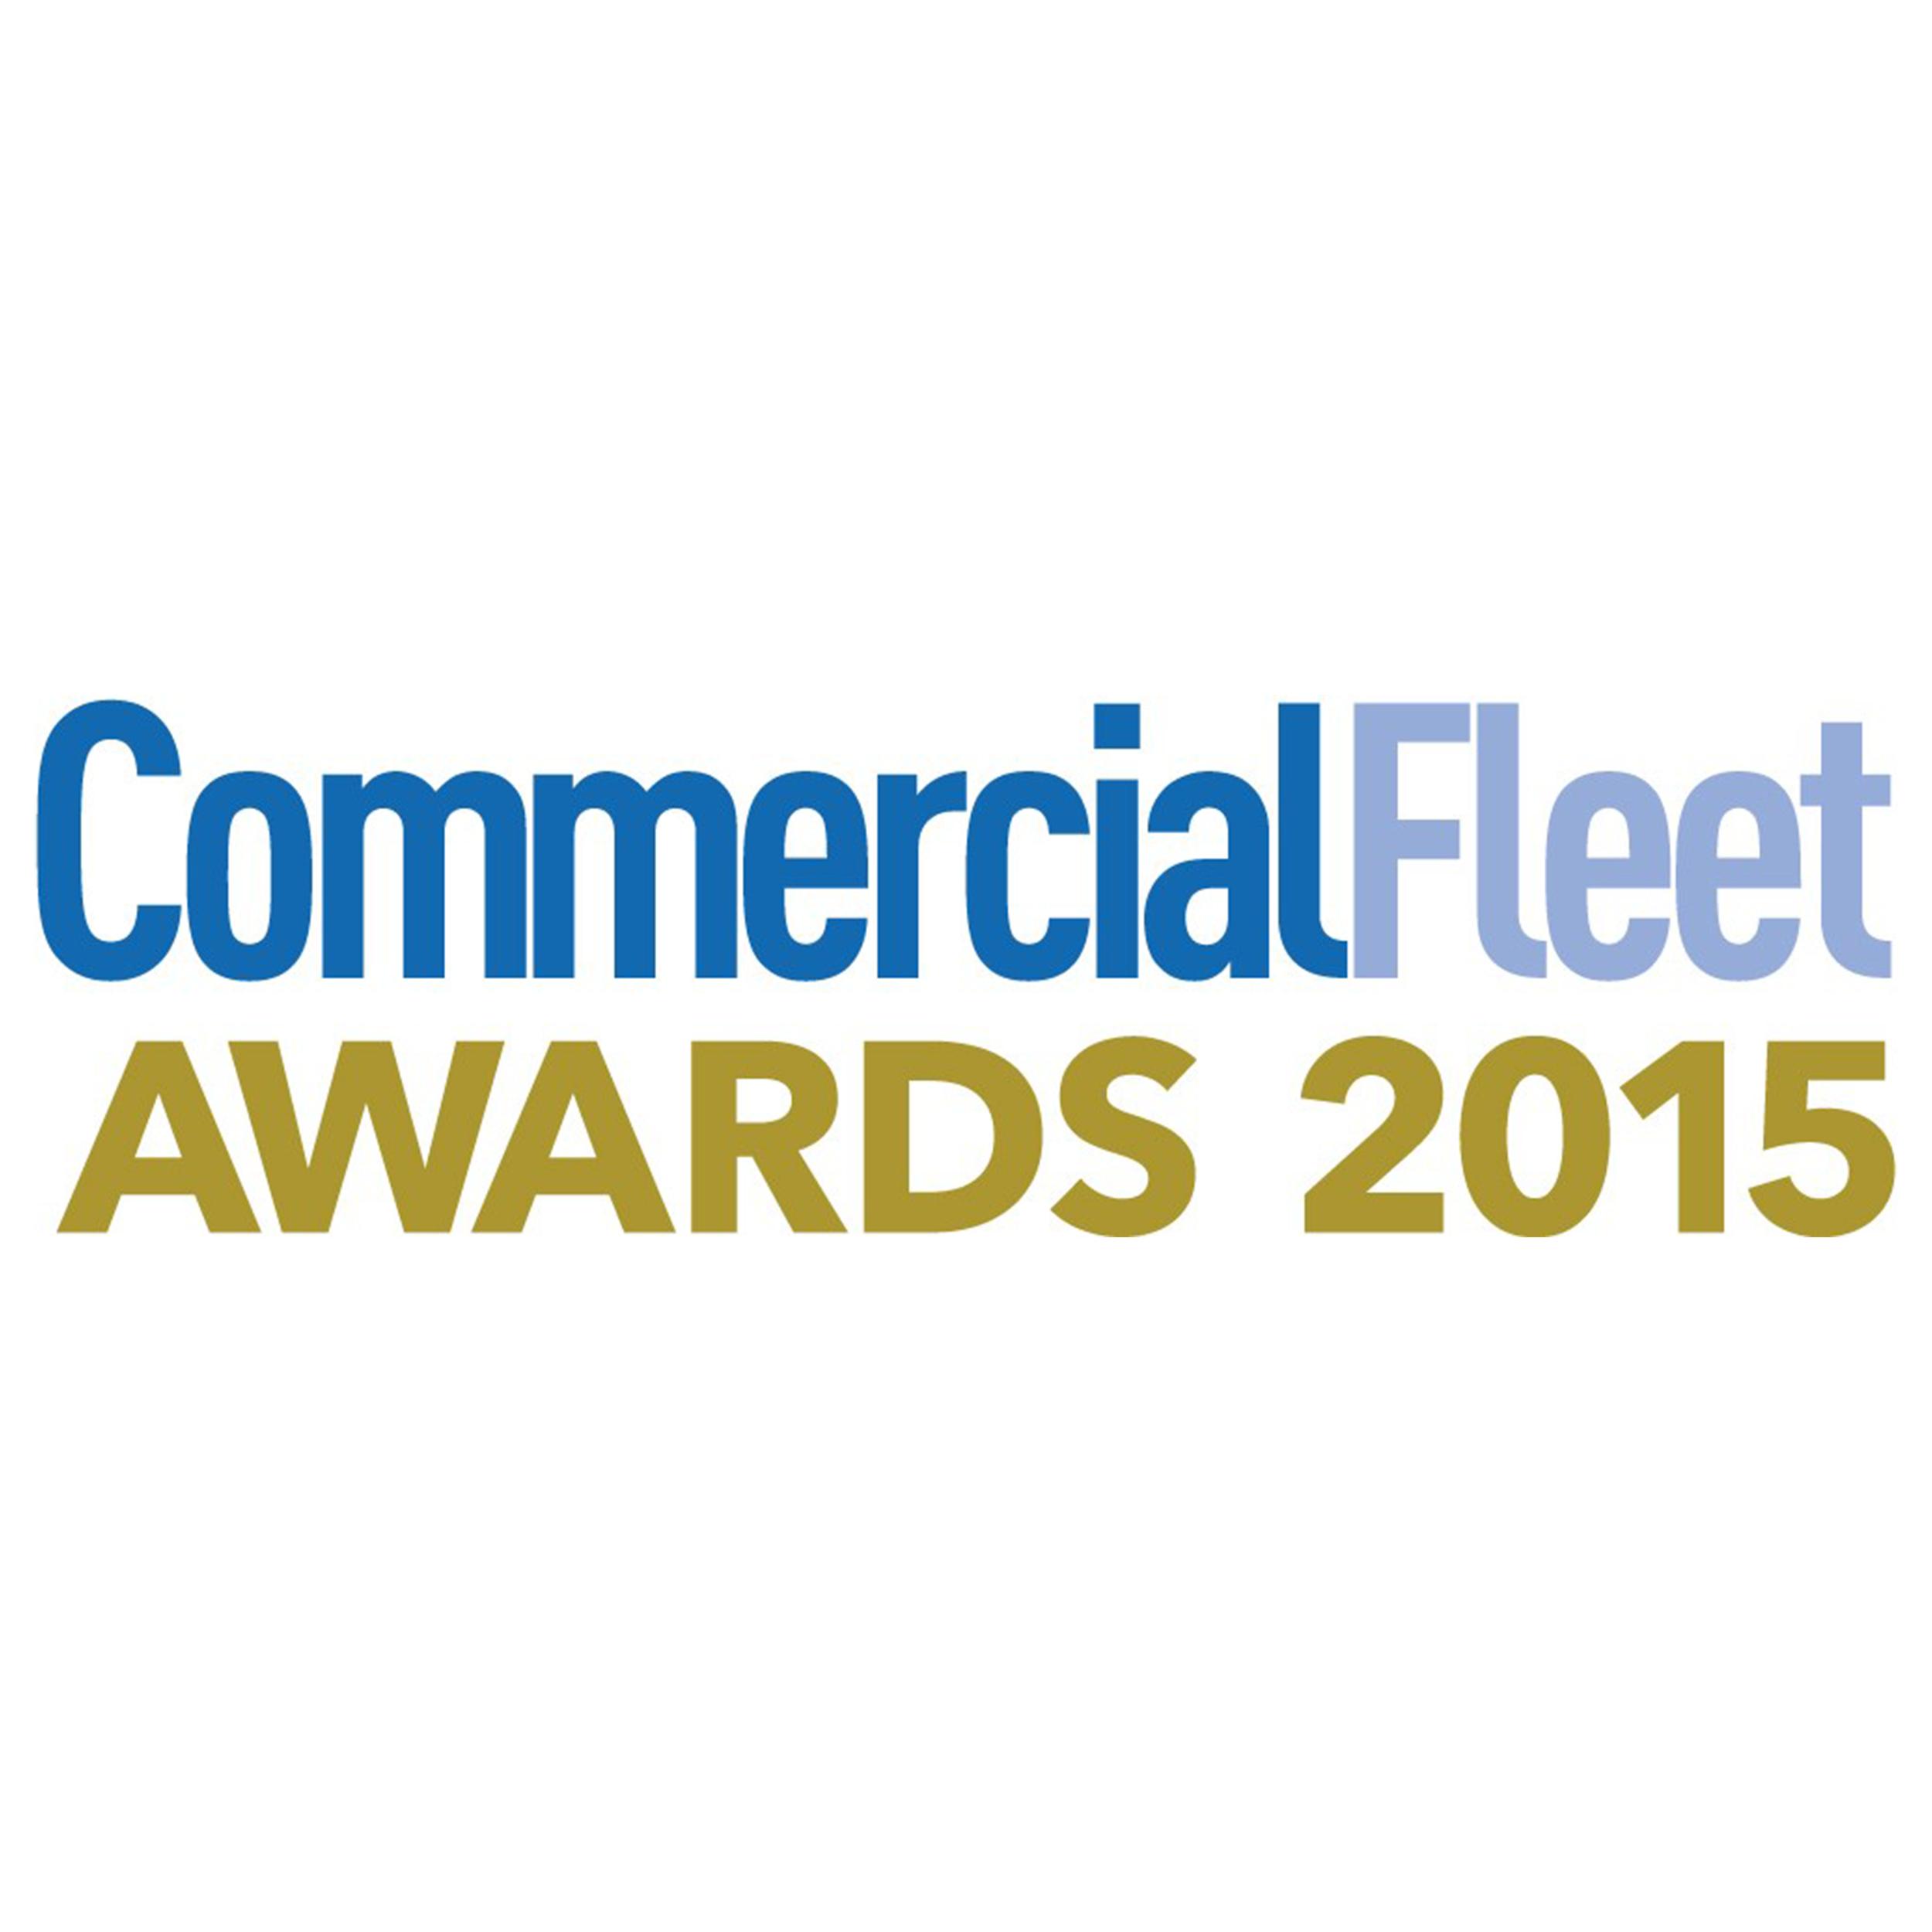 CF AWARD 2015.png